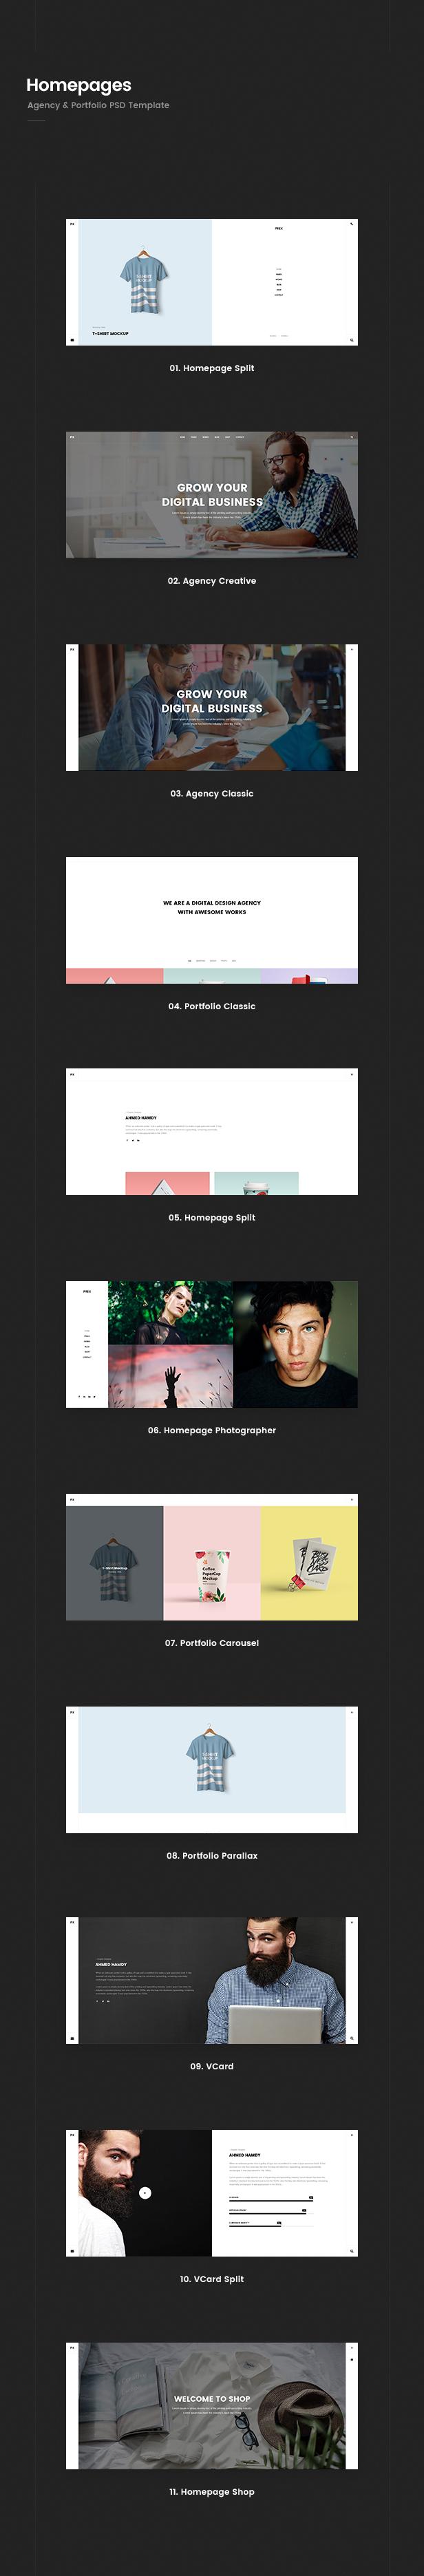 Prex   Creative Agency & Portfolio PSD Template - 1